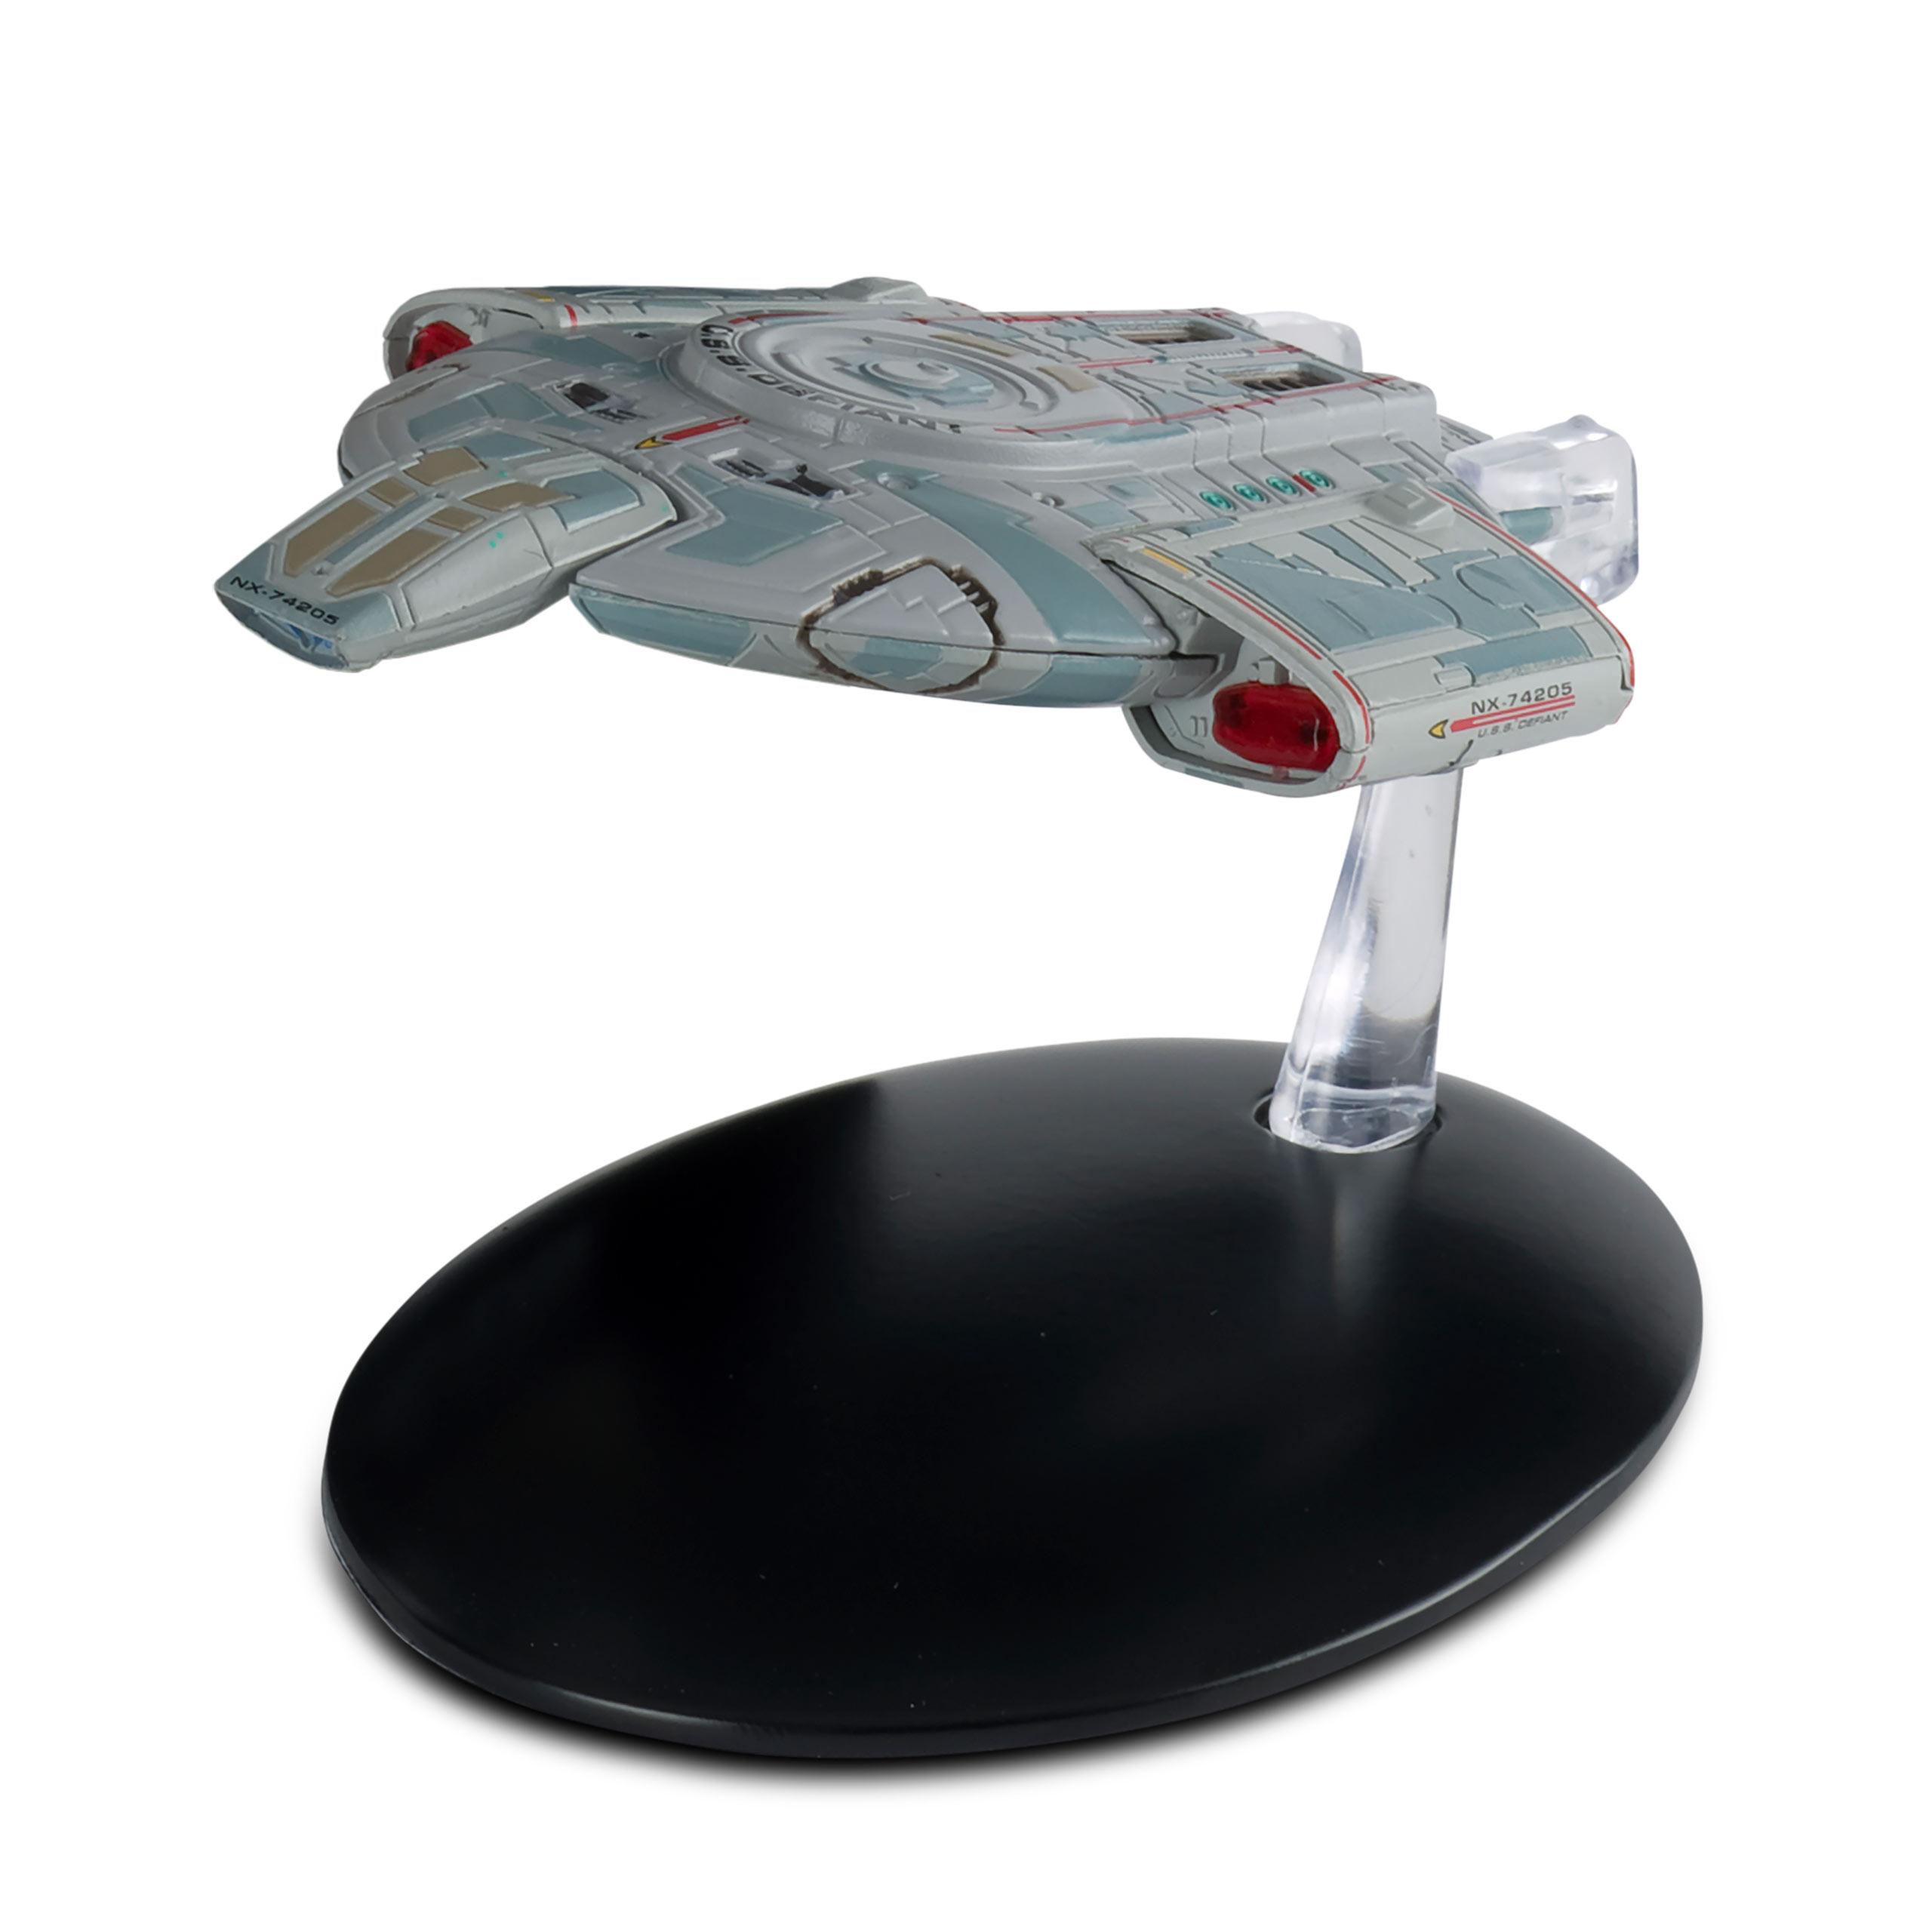 Star Trek - Raumschiff U.S.S. Defiant NX-74205 Hero Collector Figur